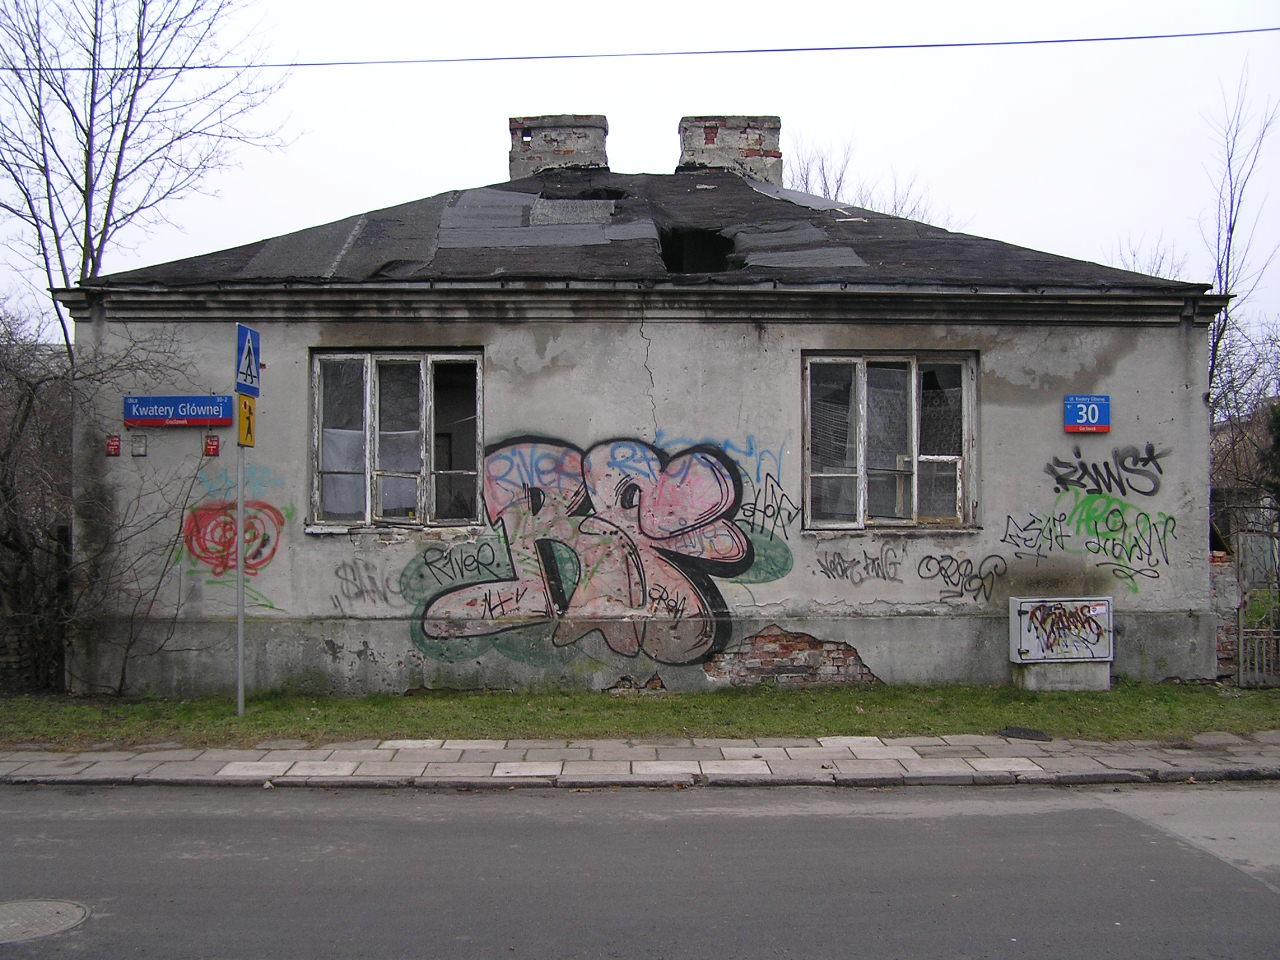 Dom przy ulicy Kwatery Głównej 30